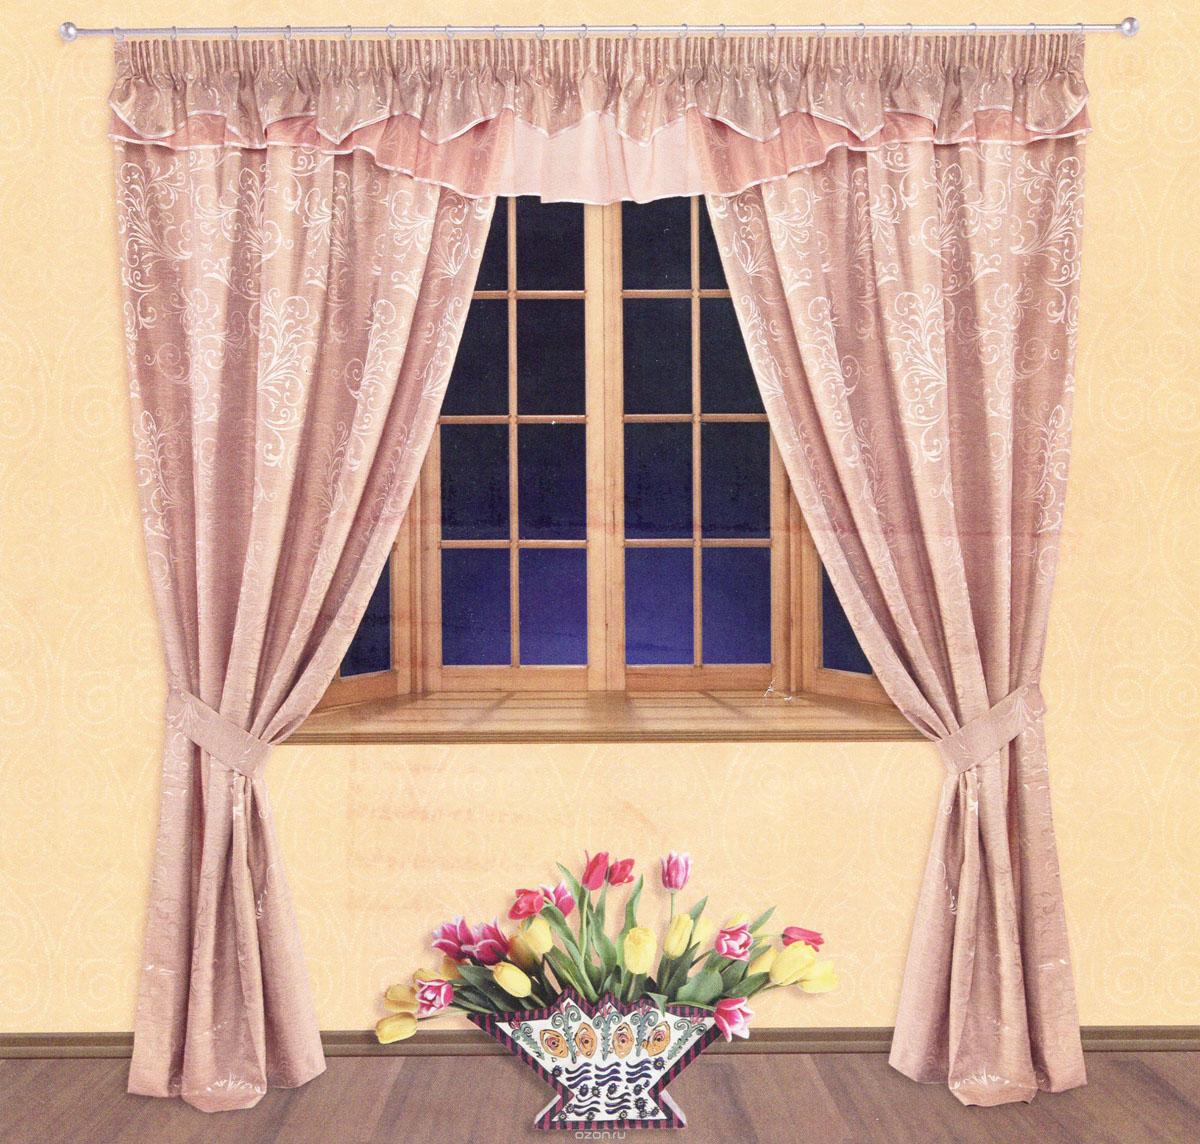 Комплект штор Zlata Korunka, на ленте, цвет: бледно-розовый, высота 250 см. 5552655526Роскошный комплект штор Zlata Korunka, выполненный из сатина, жаккарда и вуали (100% полиэстера), великолепно украсит любое окно. Комплект состоит из двух портьер, ламбрекена и двух подхватов. Сочетание плотной и полупрозрачной тонкой ткани, оригинальный орнамент и приятная, приглушенная гамма привлекут к себе внимание и органично впишутся в интерьер помещения. Комплект крепится на карниз при помощи шторной ленты, которая поможет красиво и равномерно задрапировать верх. Портьеры можно зафиксировать в одном положении с помощью двух подхватов. Этот комплект будет долгое время радовать вас и вашу семью! В комплект входит: Портьера: 2 шт. Размер (ШхВ): 140 см х 250 см. Ламбрекен: 1 шт. Размер (ШхВ): 400 см х 50 см.Подхват: 2 шт. Размер (ШхВ): 60 см х 10 см.